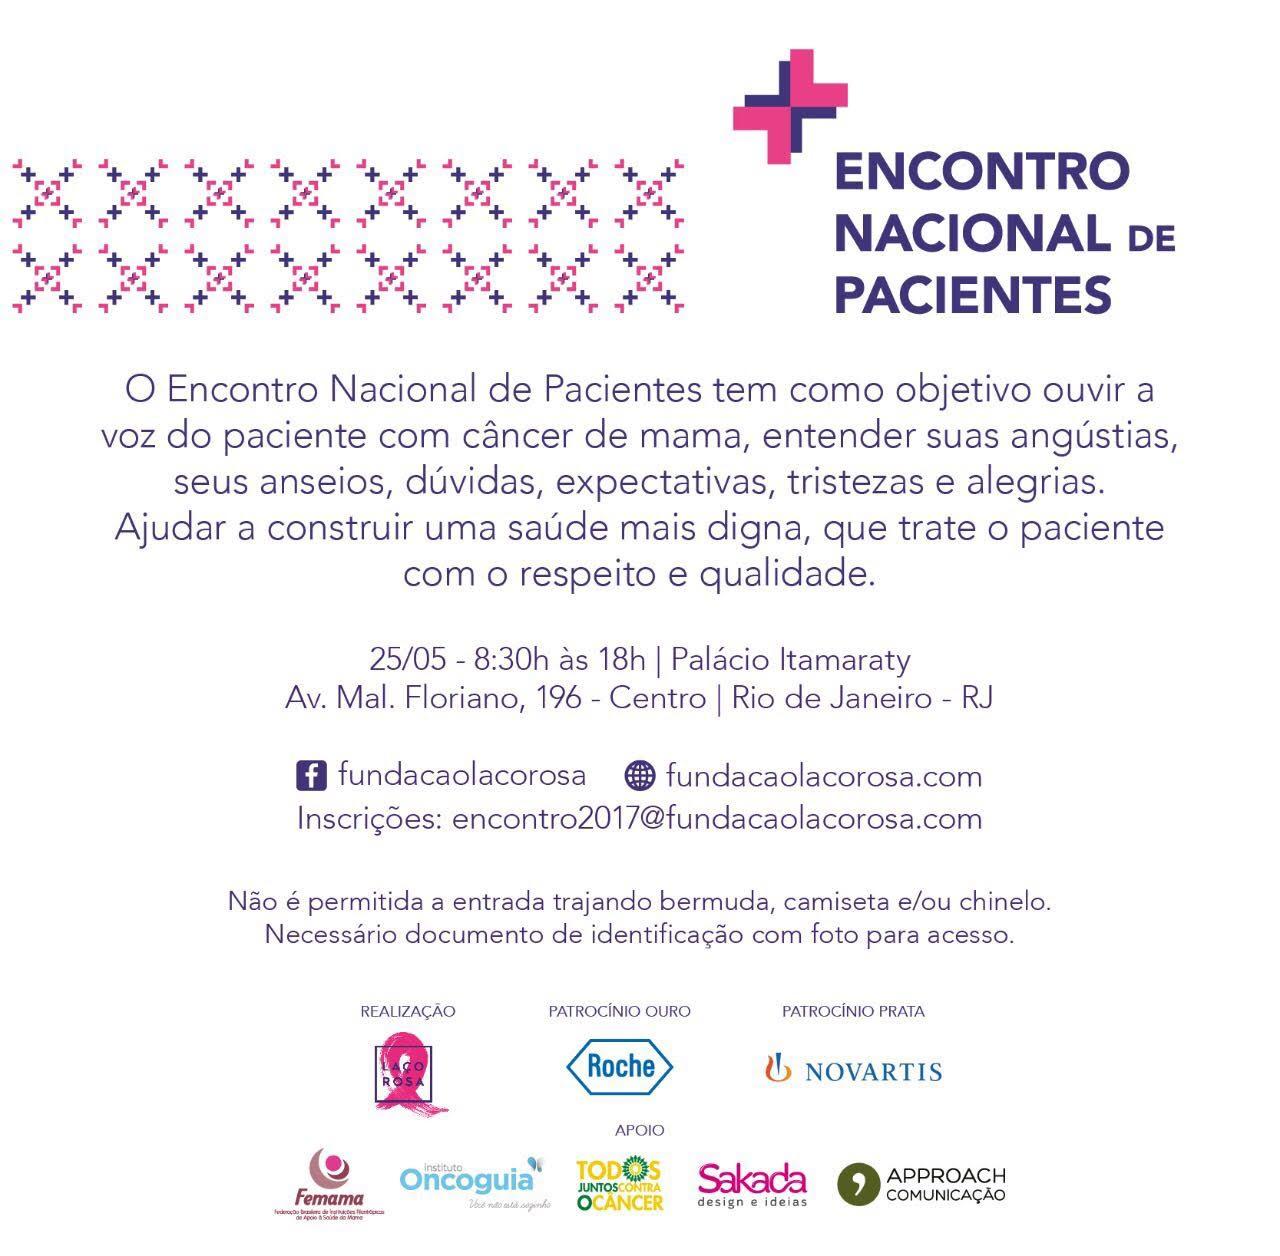 fundacao laco rosa encontro pacientes 2017